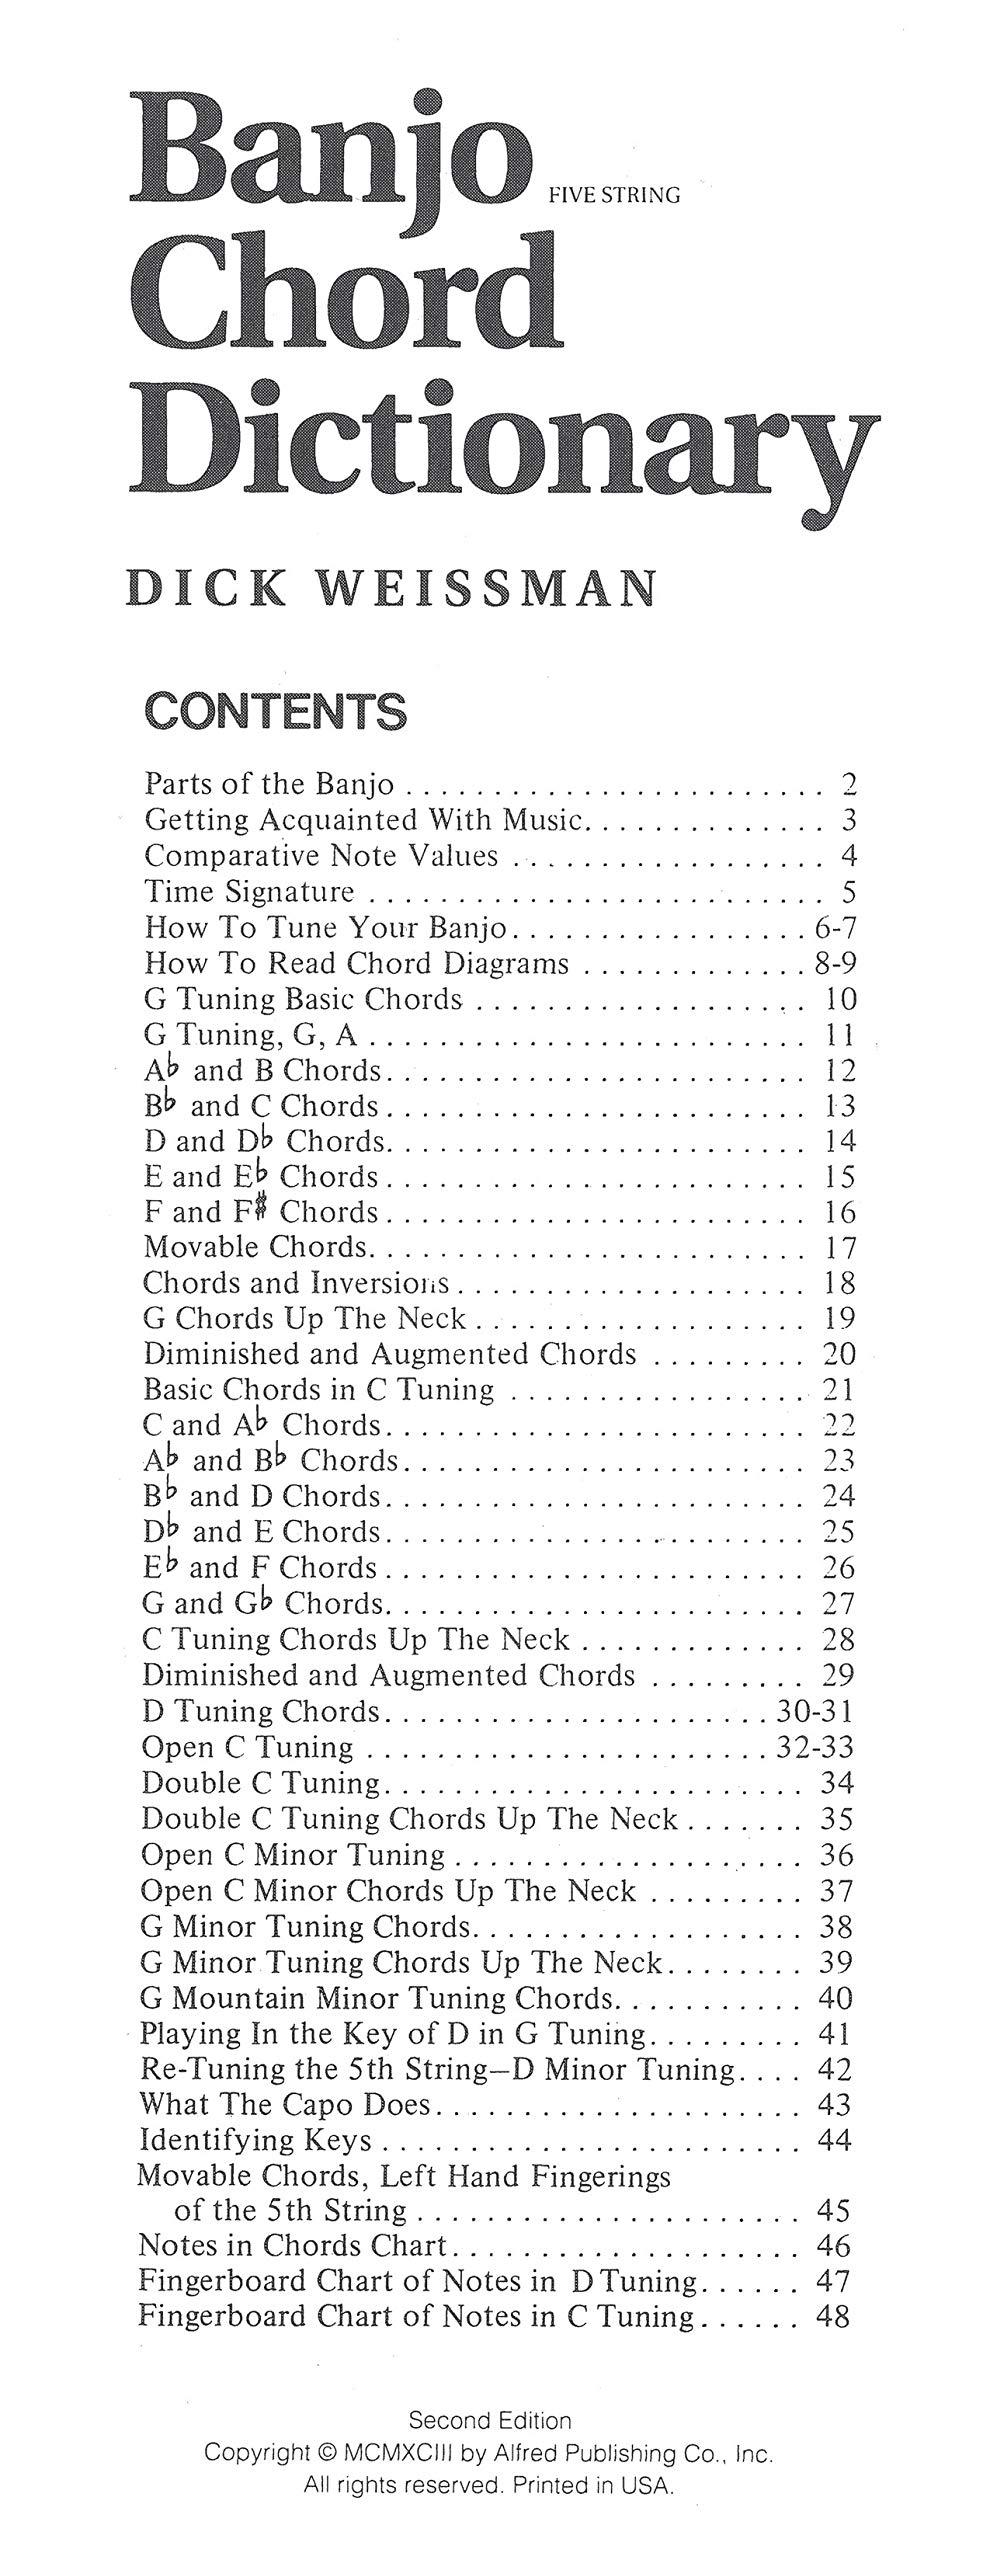 Banjo Chord Dictionary Handy Guide 5-String Banjo Chord Book